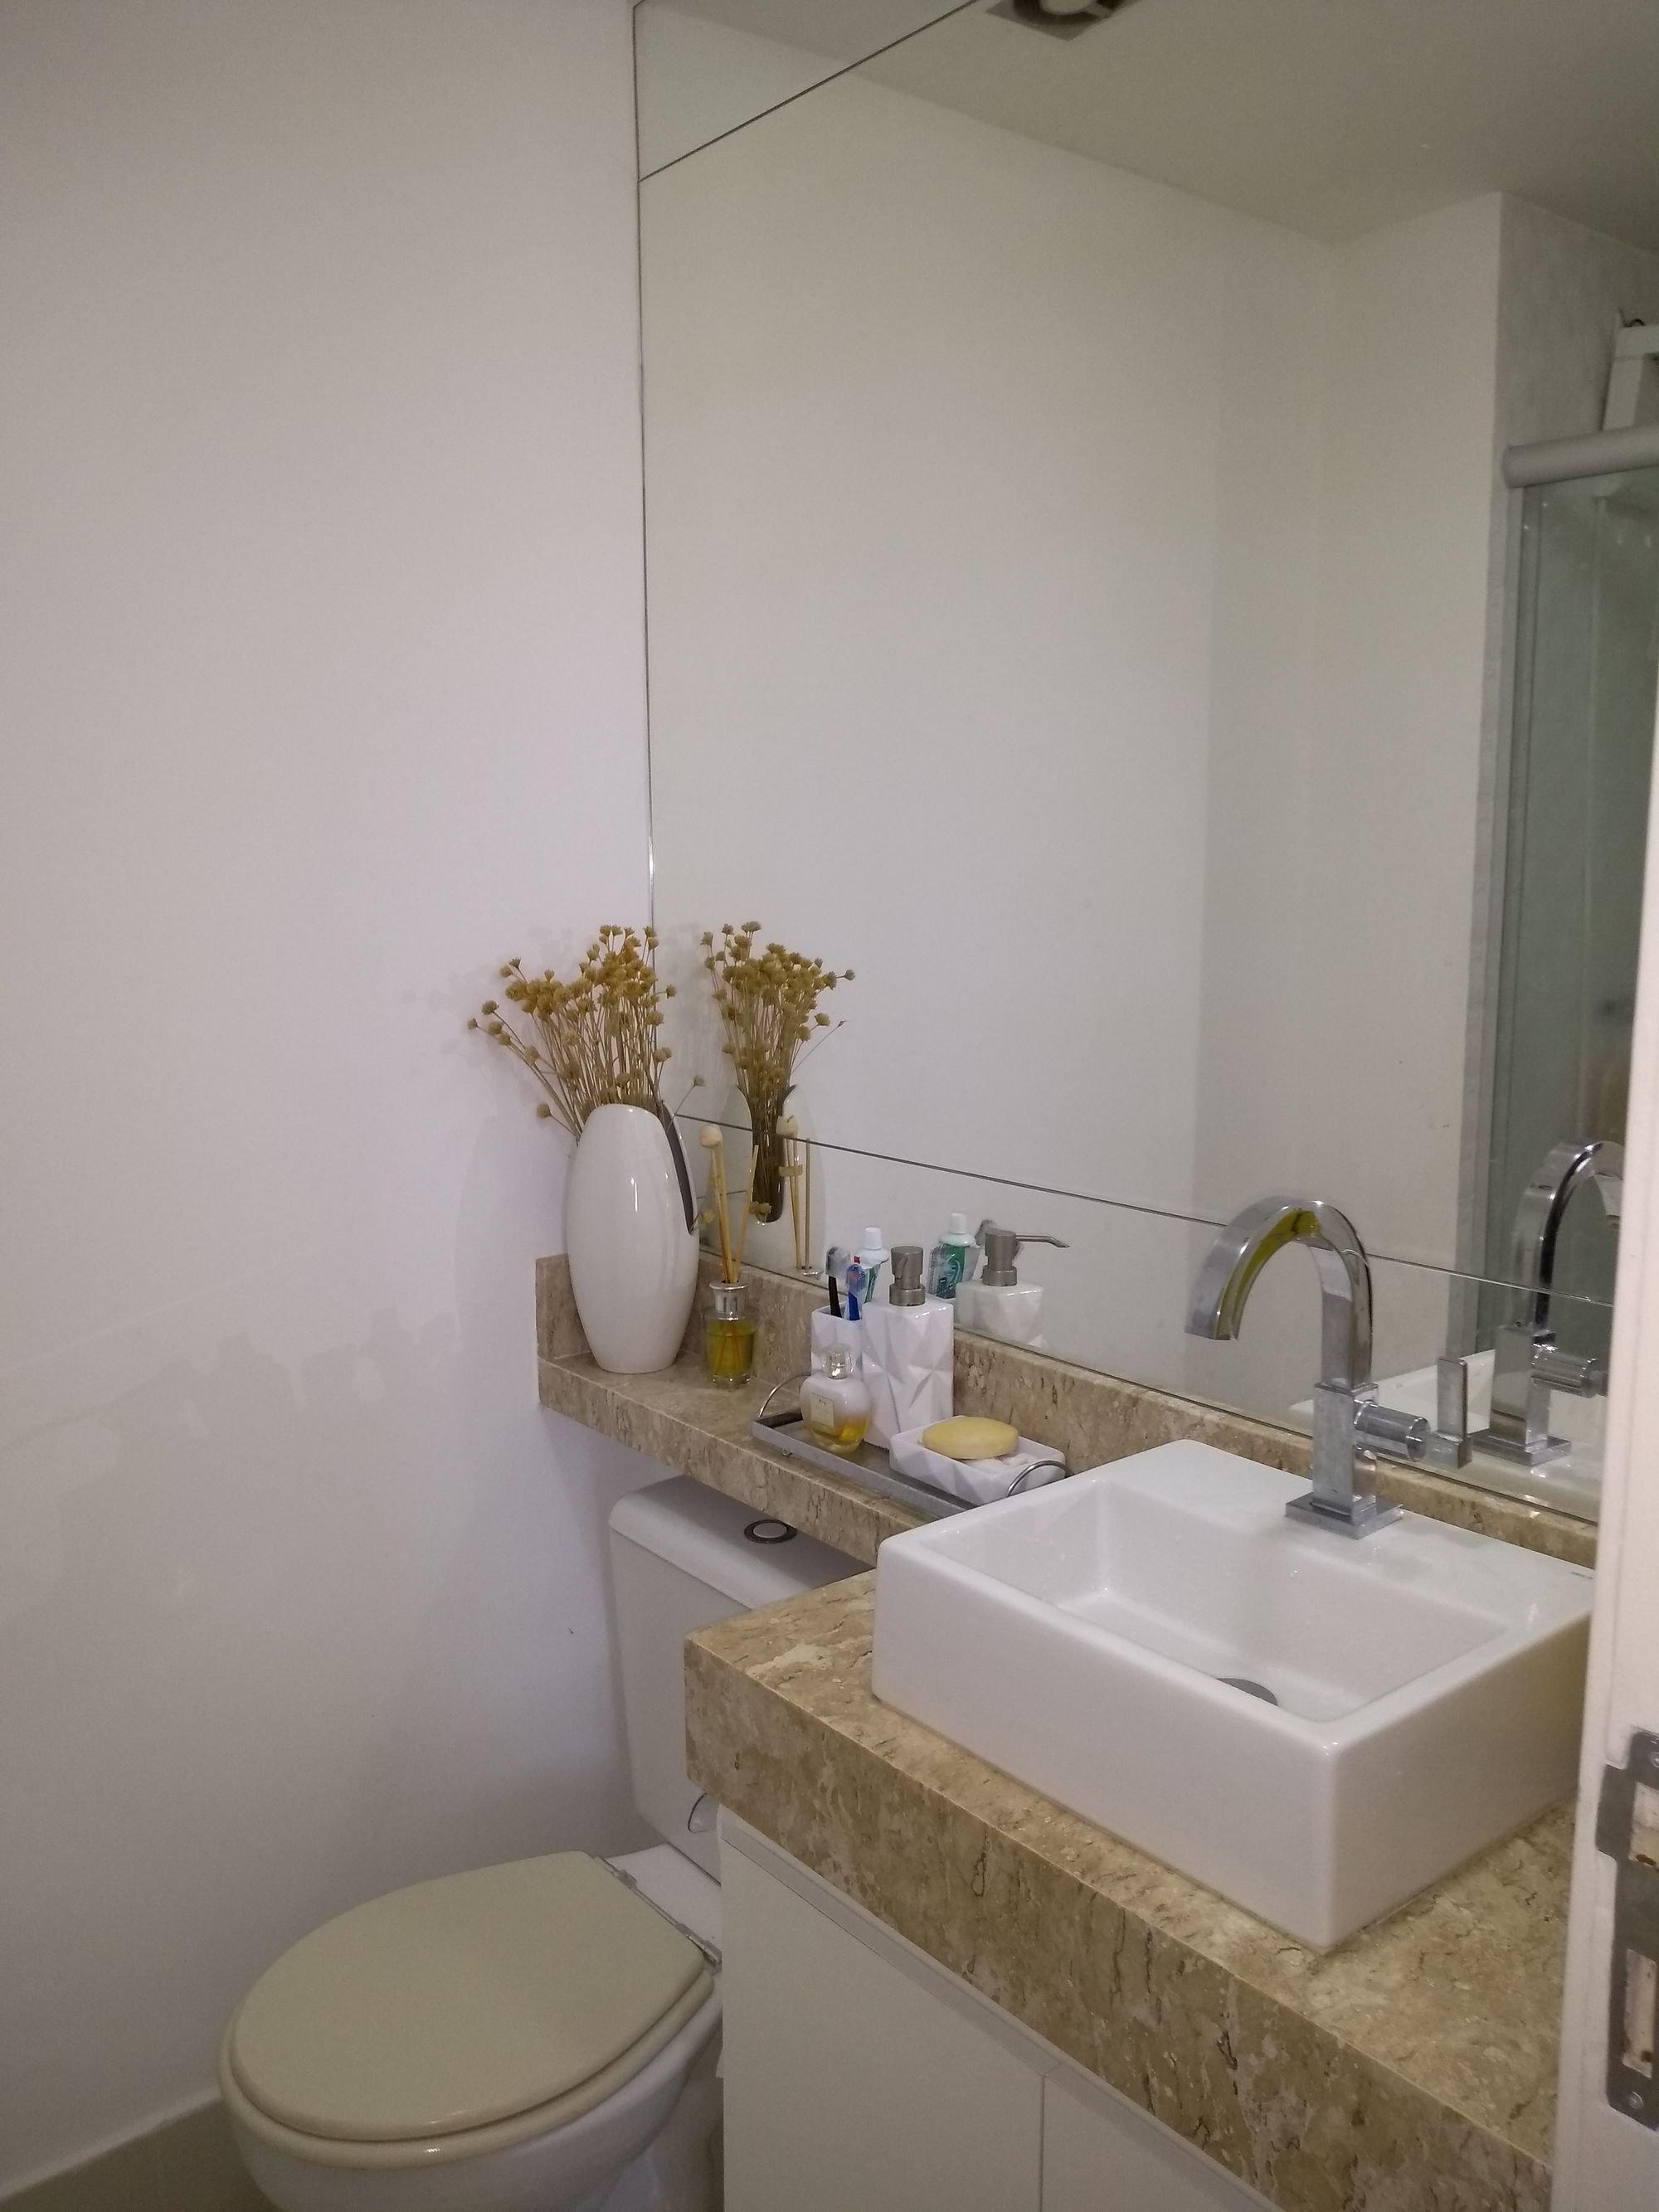 Foto de Banheiro com vaso sanitário, vaso, pia